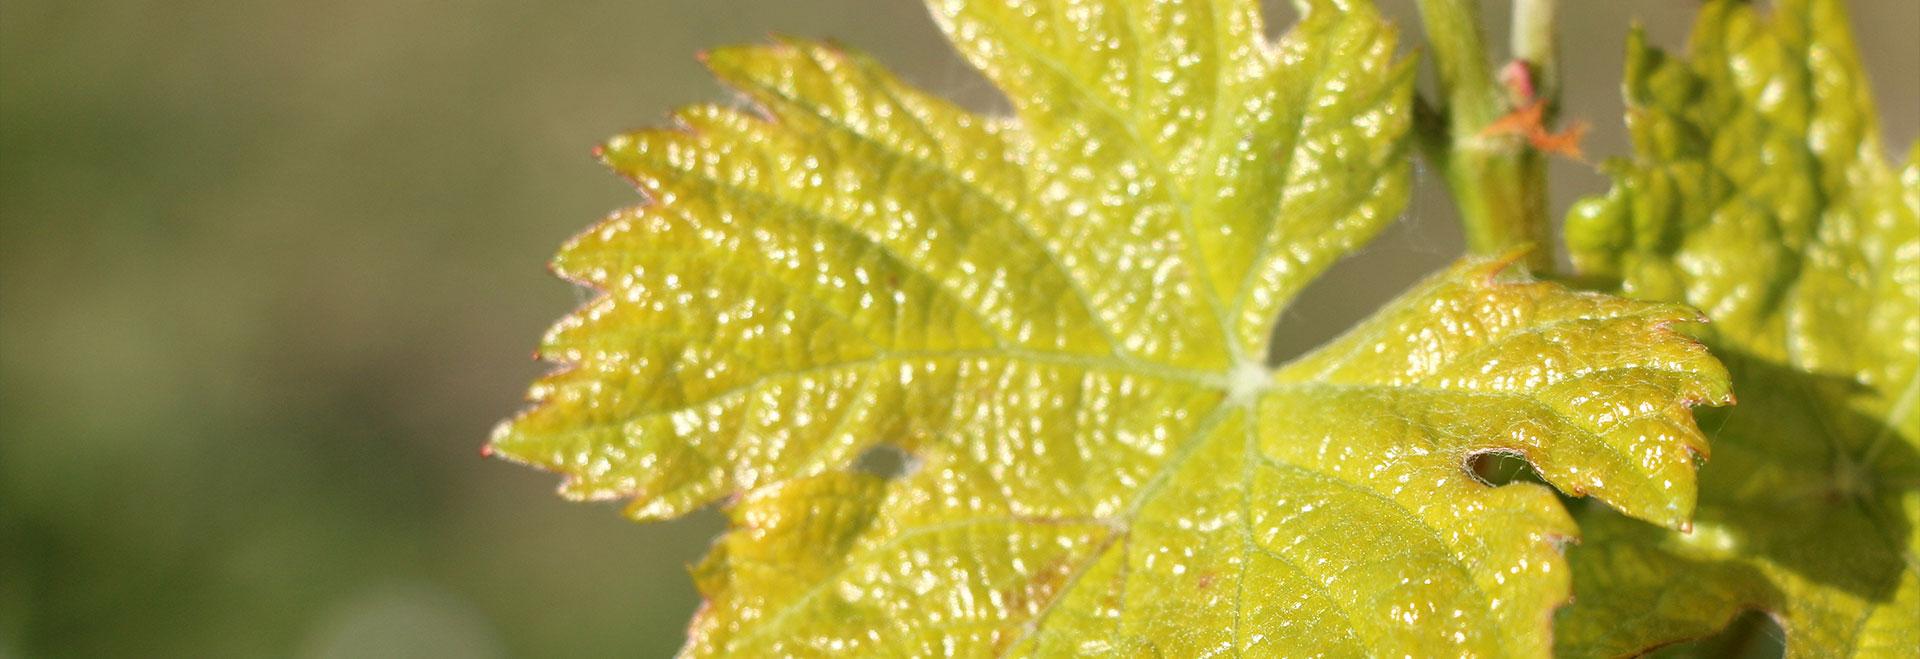 Domaine Des Hautes Vignes Distre